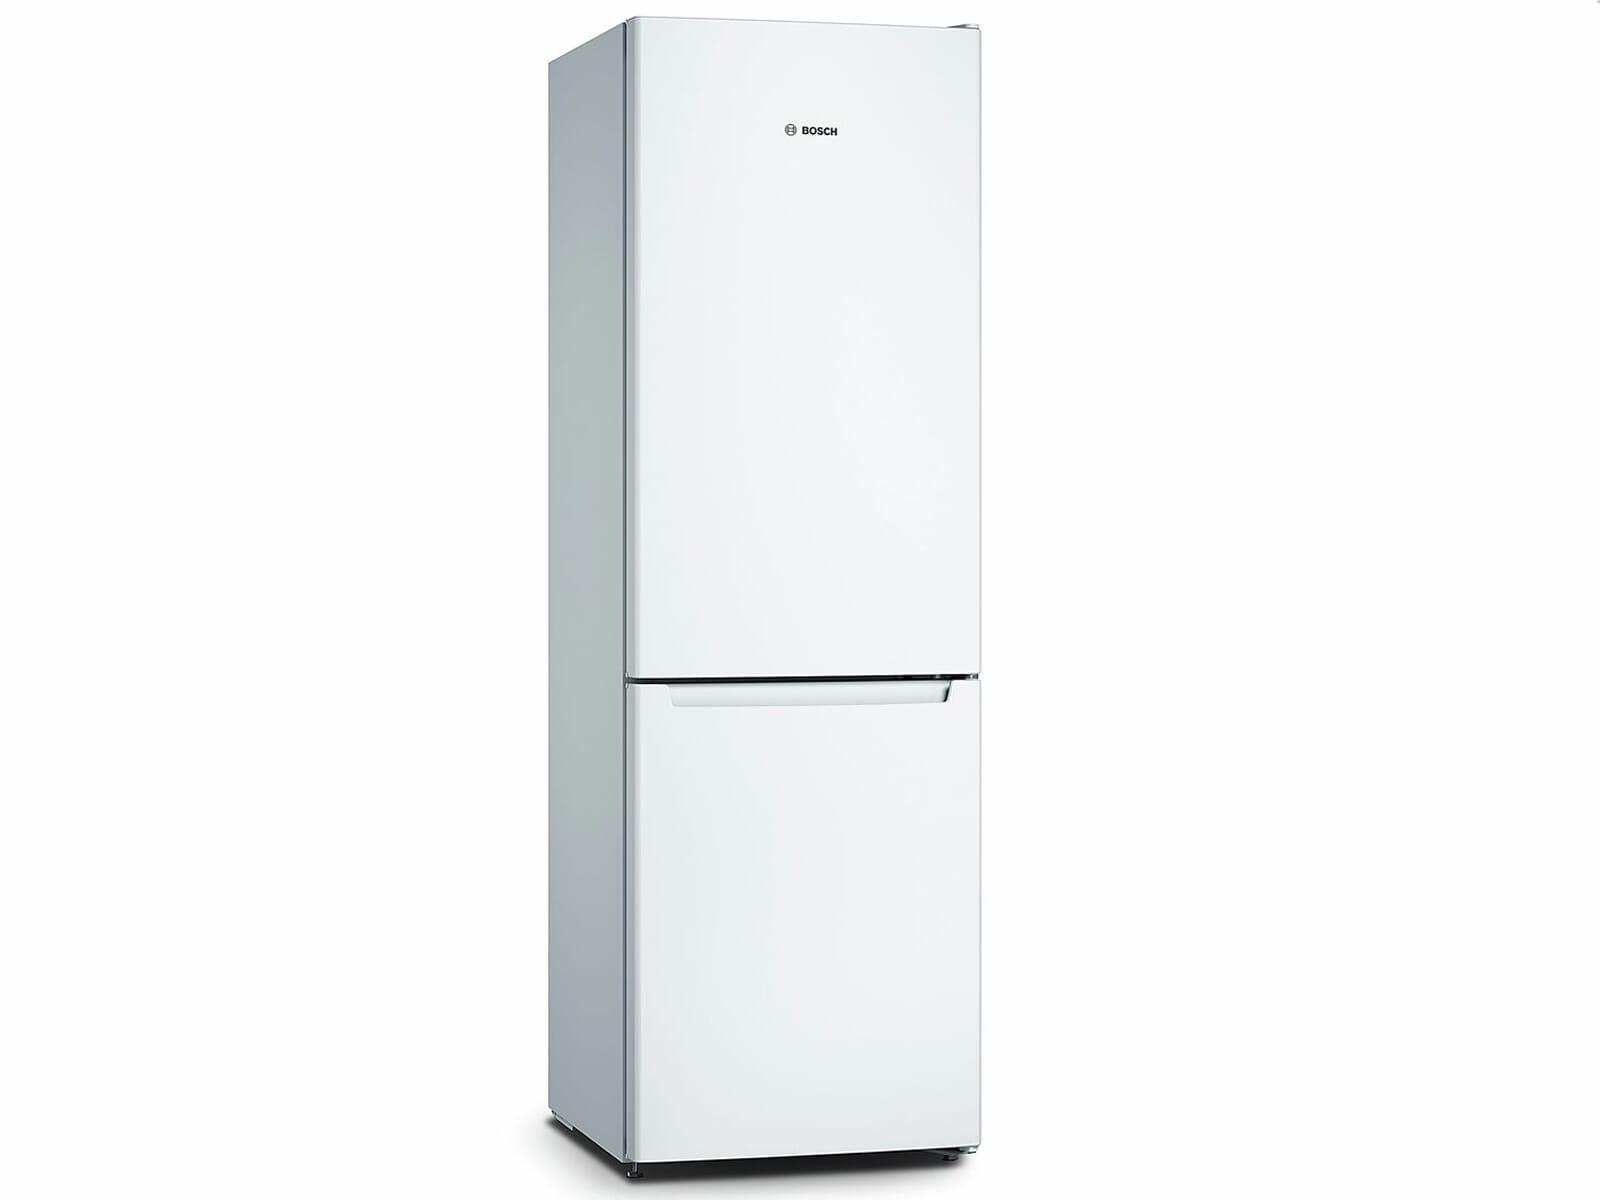 Bosch Kühlschrank Kgn 33 48 : Bosch kgn nw kühl gefrierkombination weiß